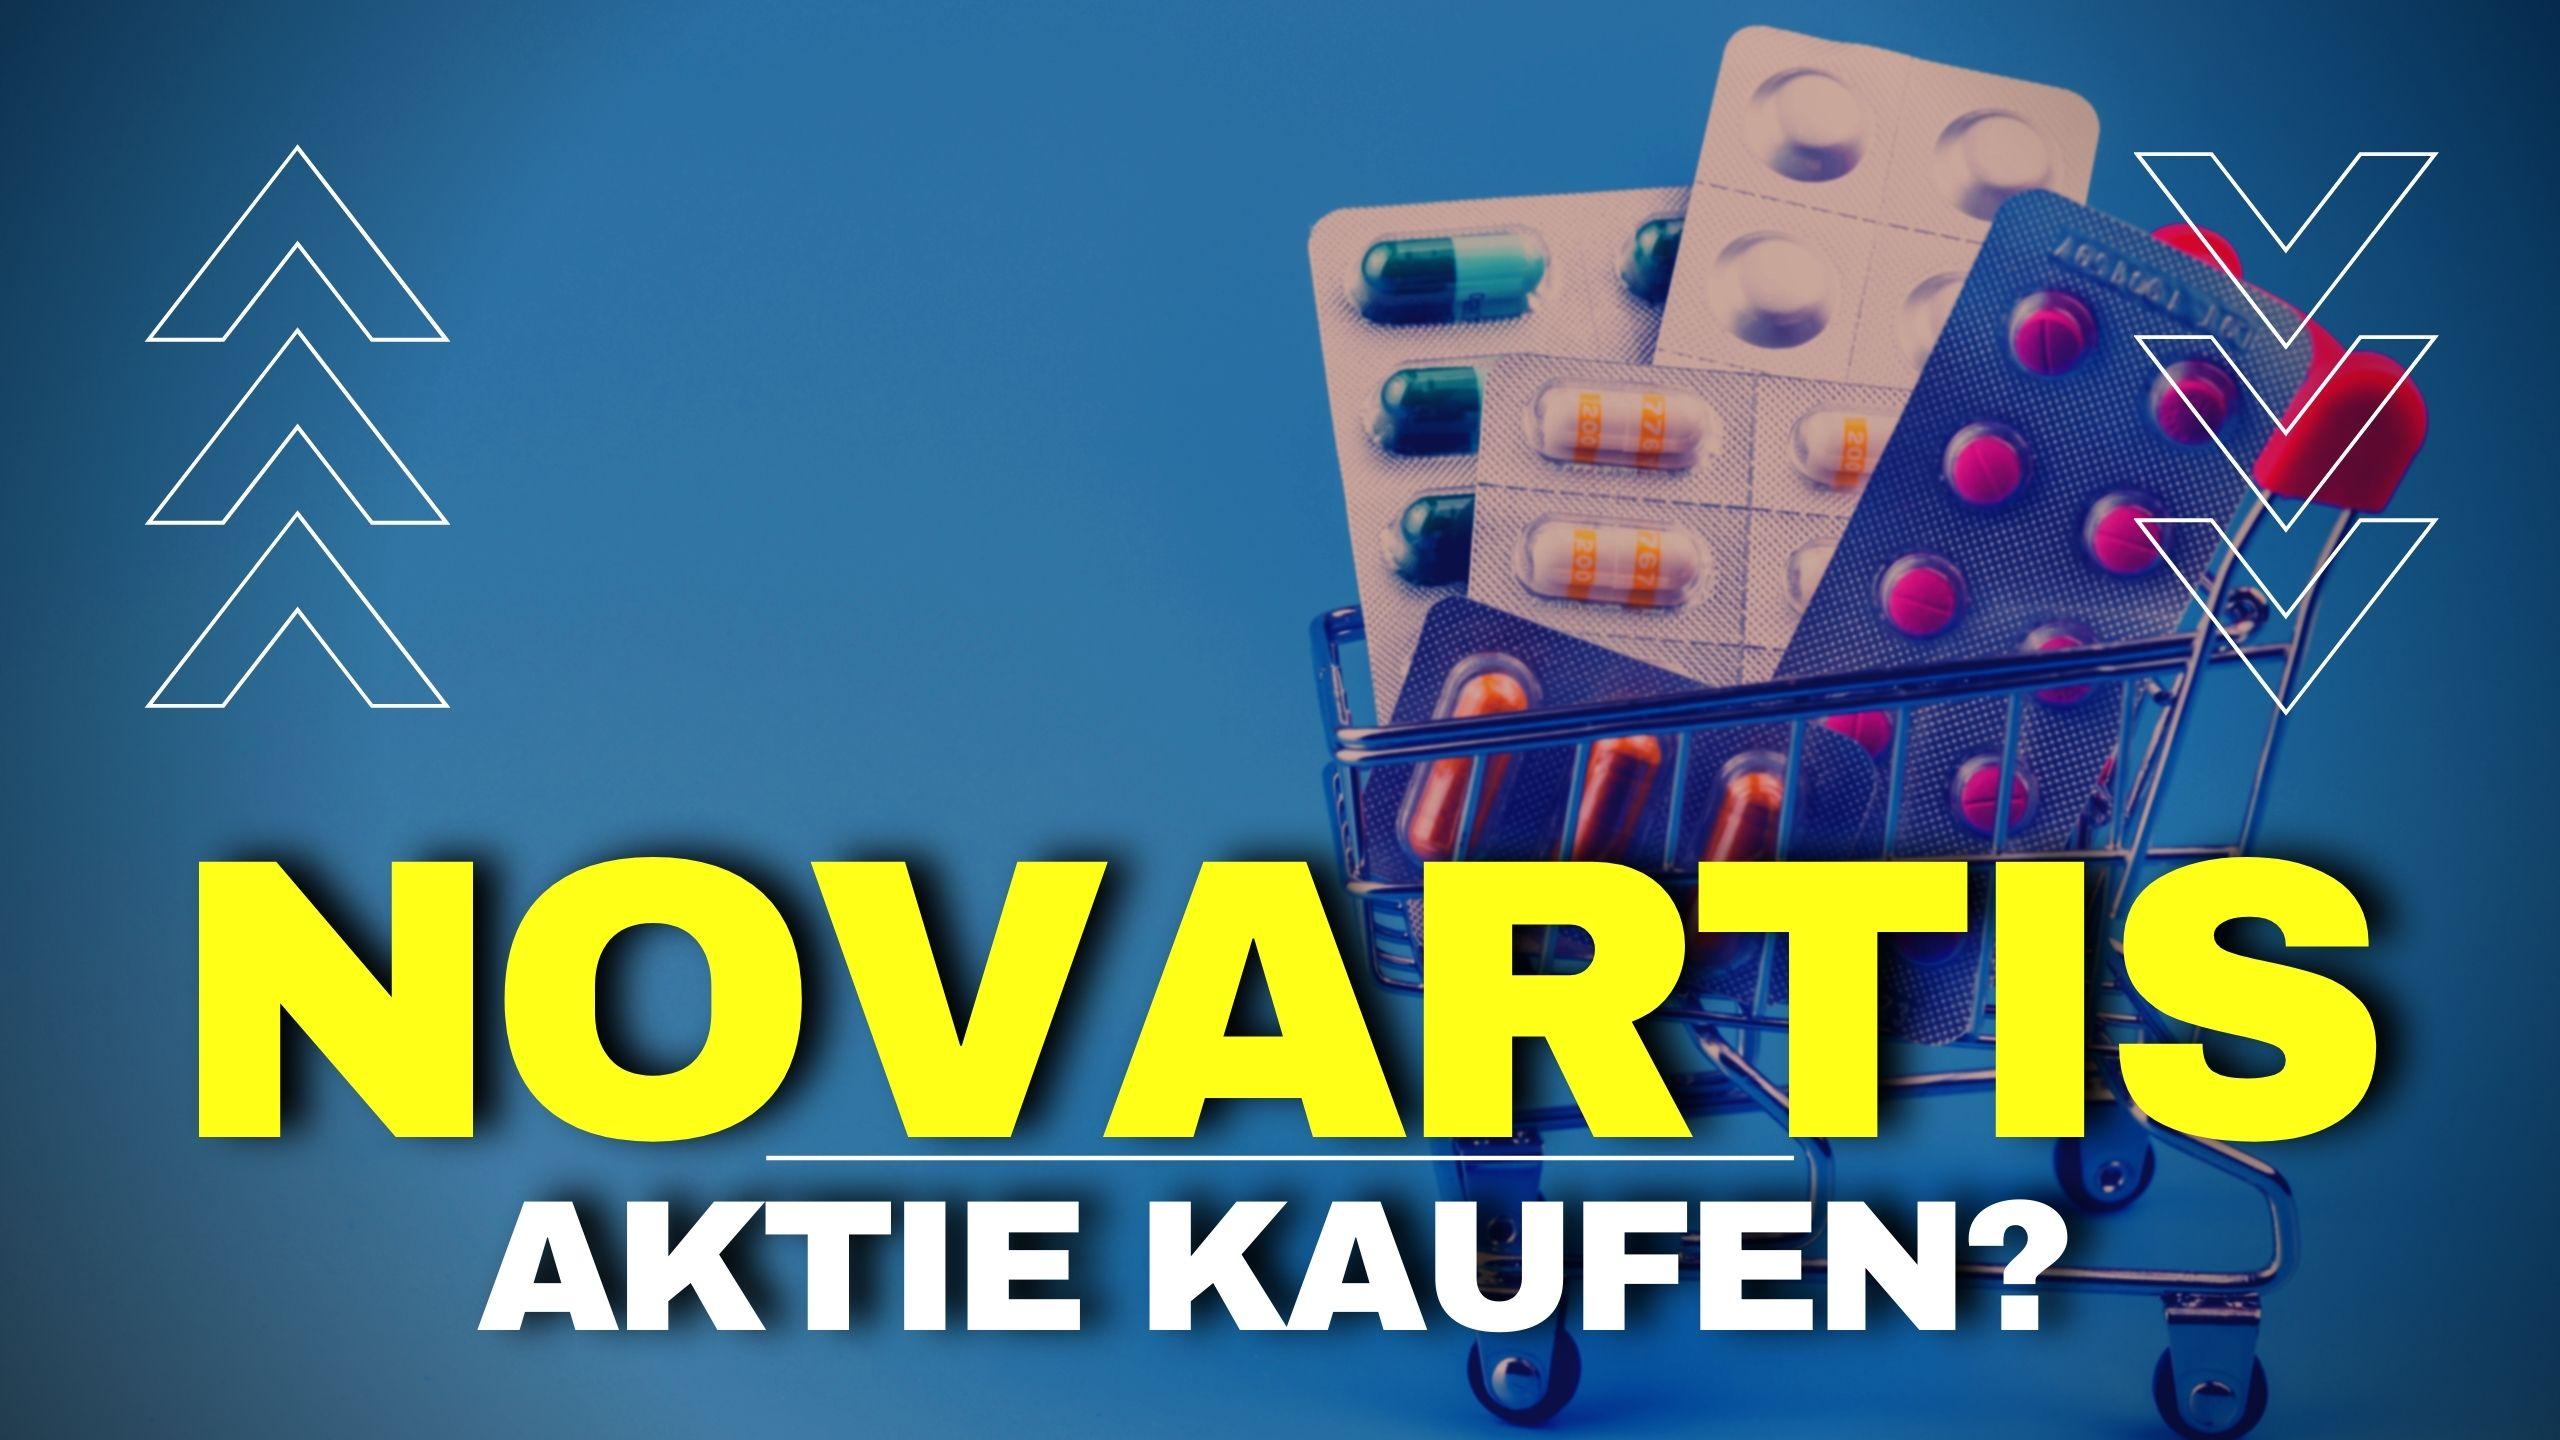 Novartis Aktie kaufen 2021